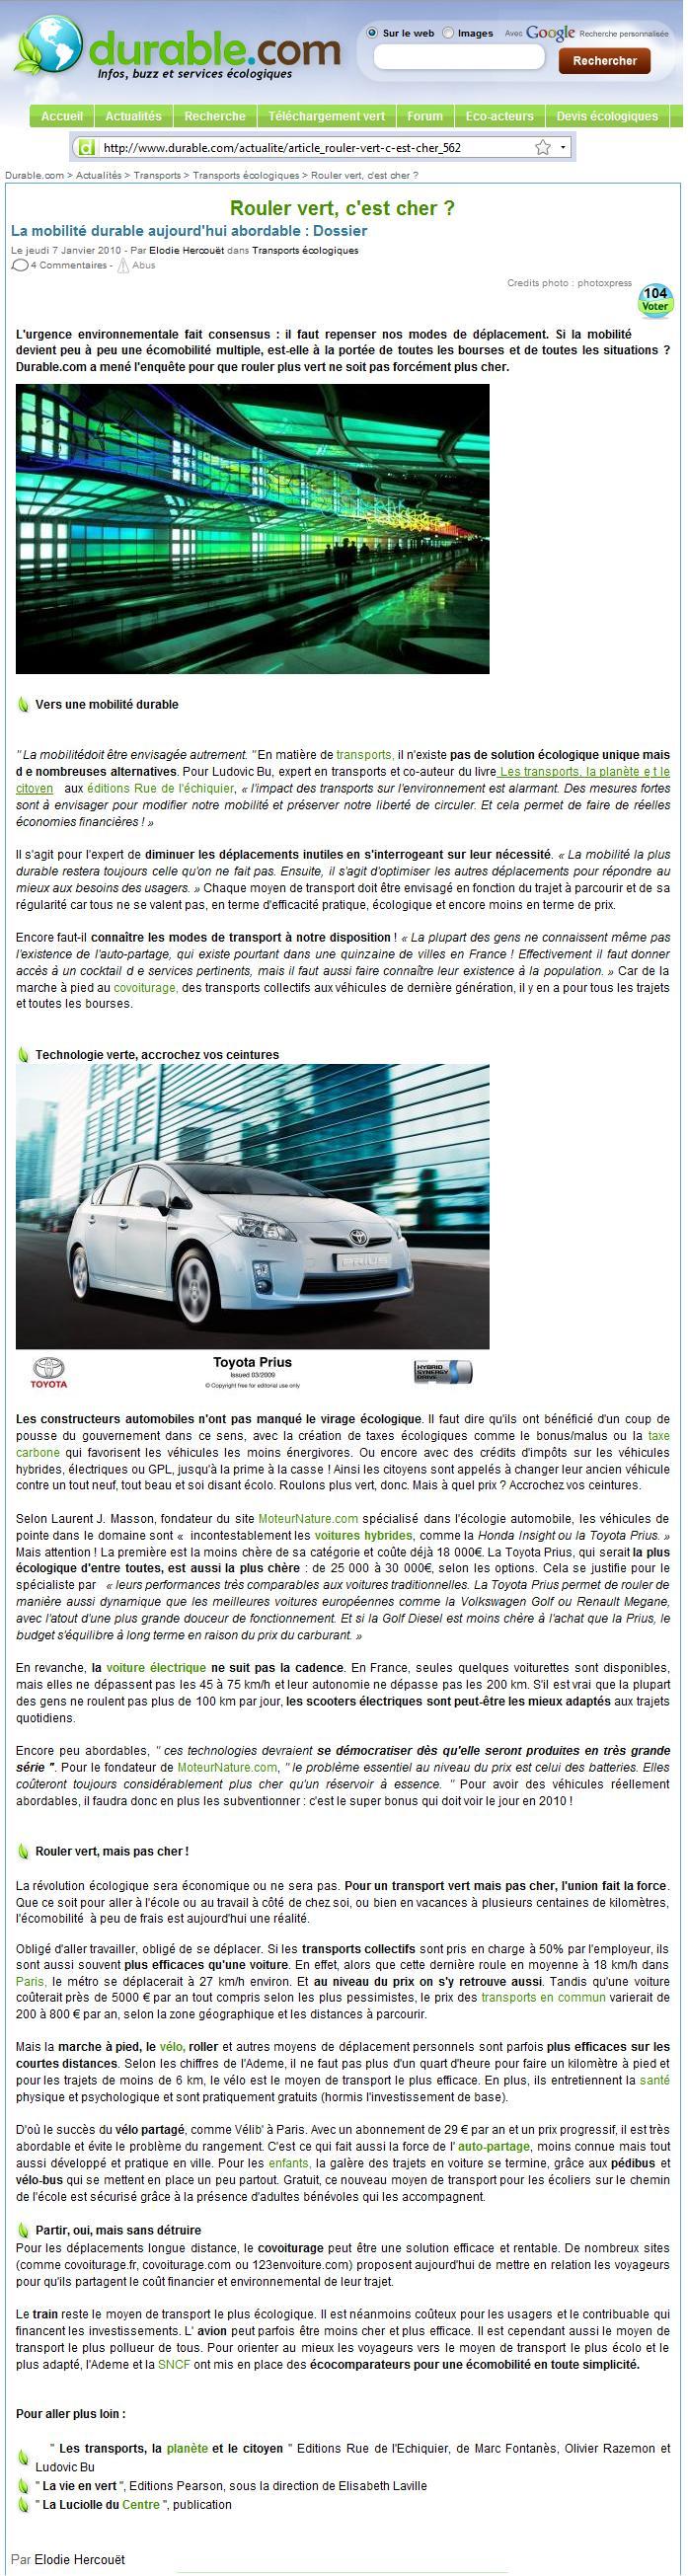 Rouler vert, c'est cher (Durable.com, 07 01 10)